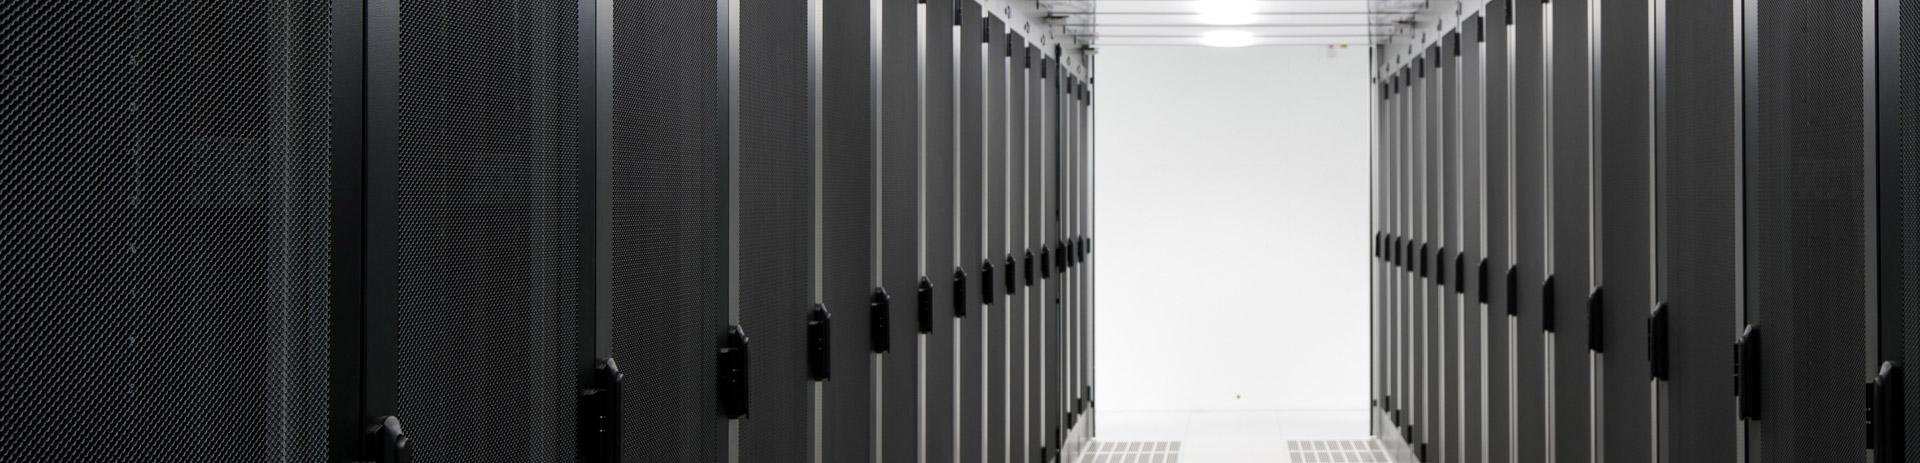 A1 Datacenter